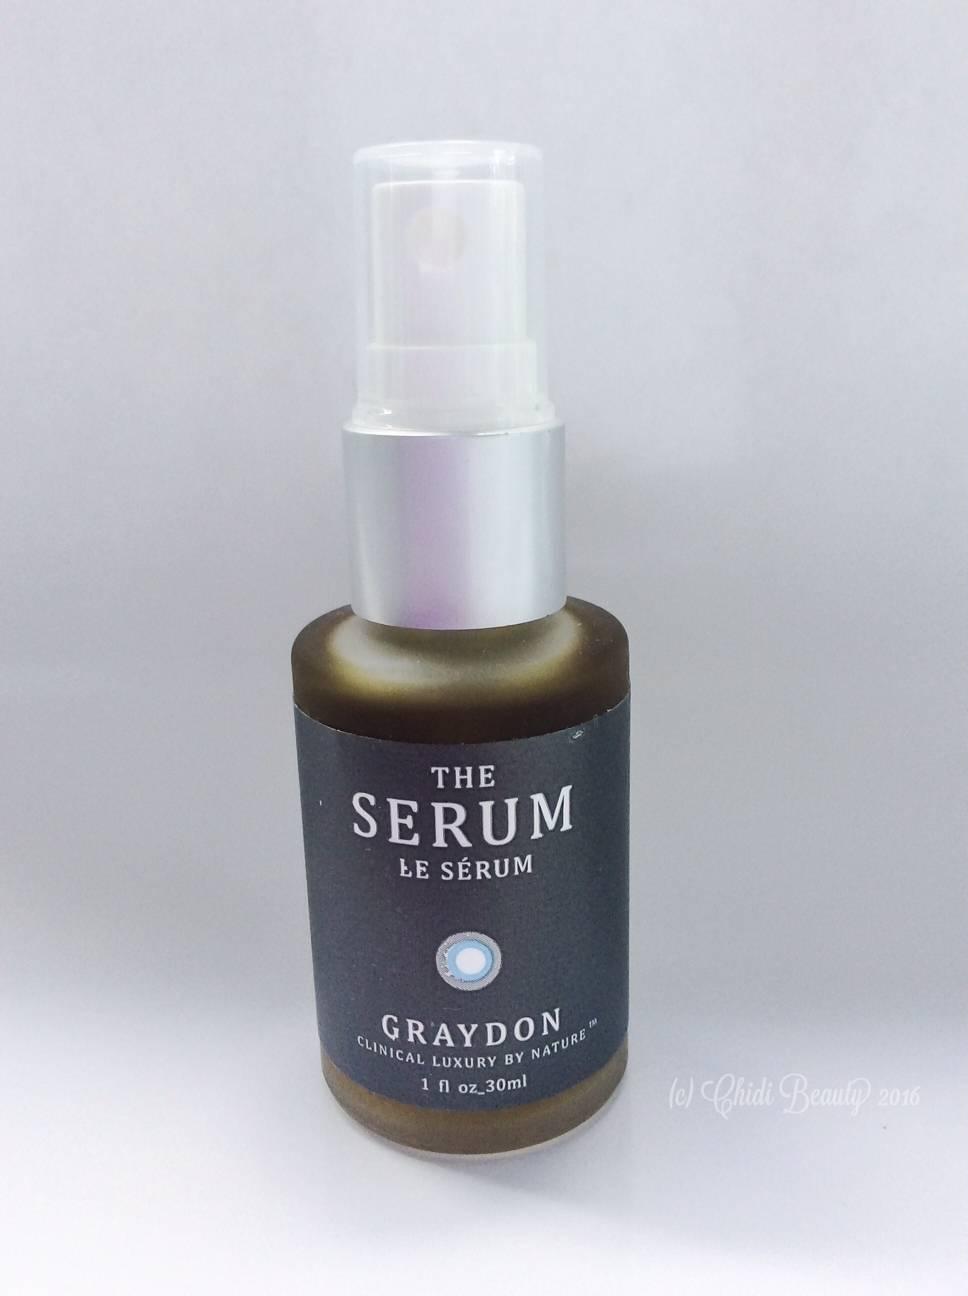 Graydon The Serum